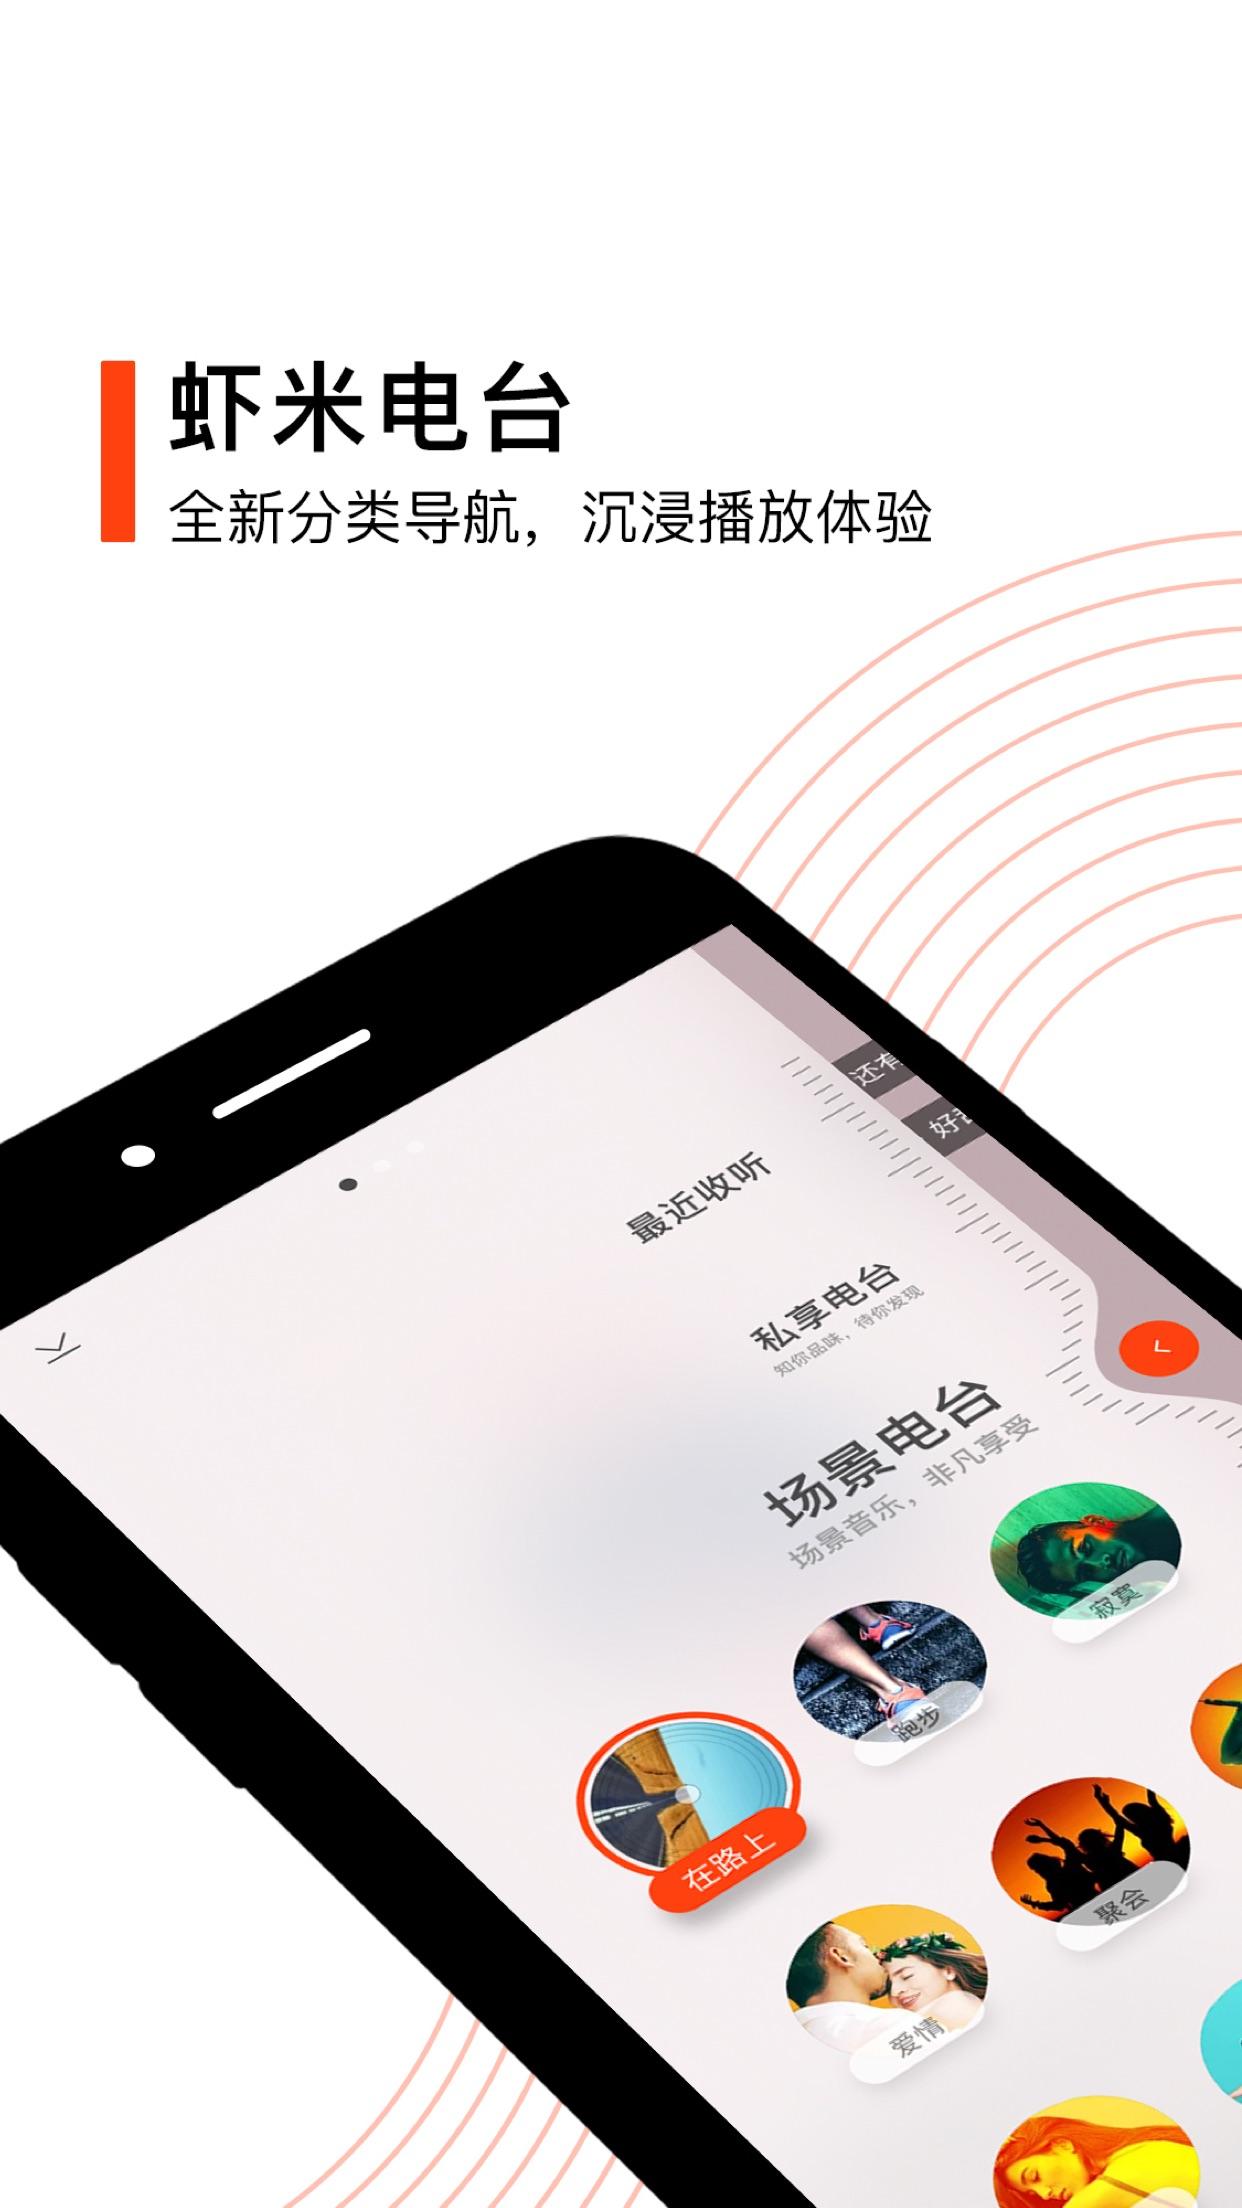 Xiami Music Screenshot